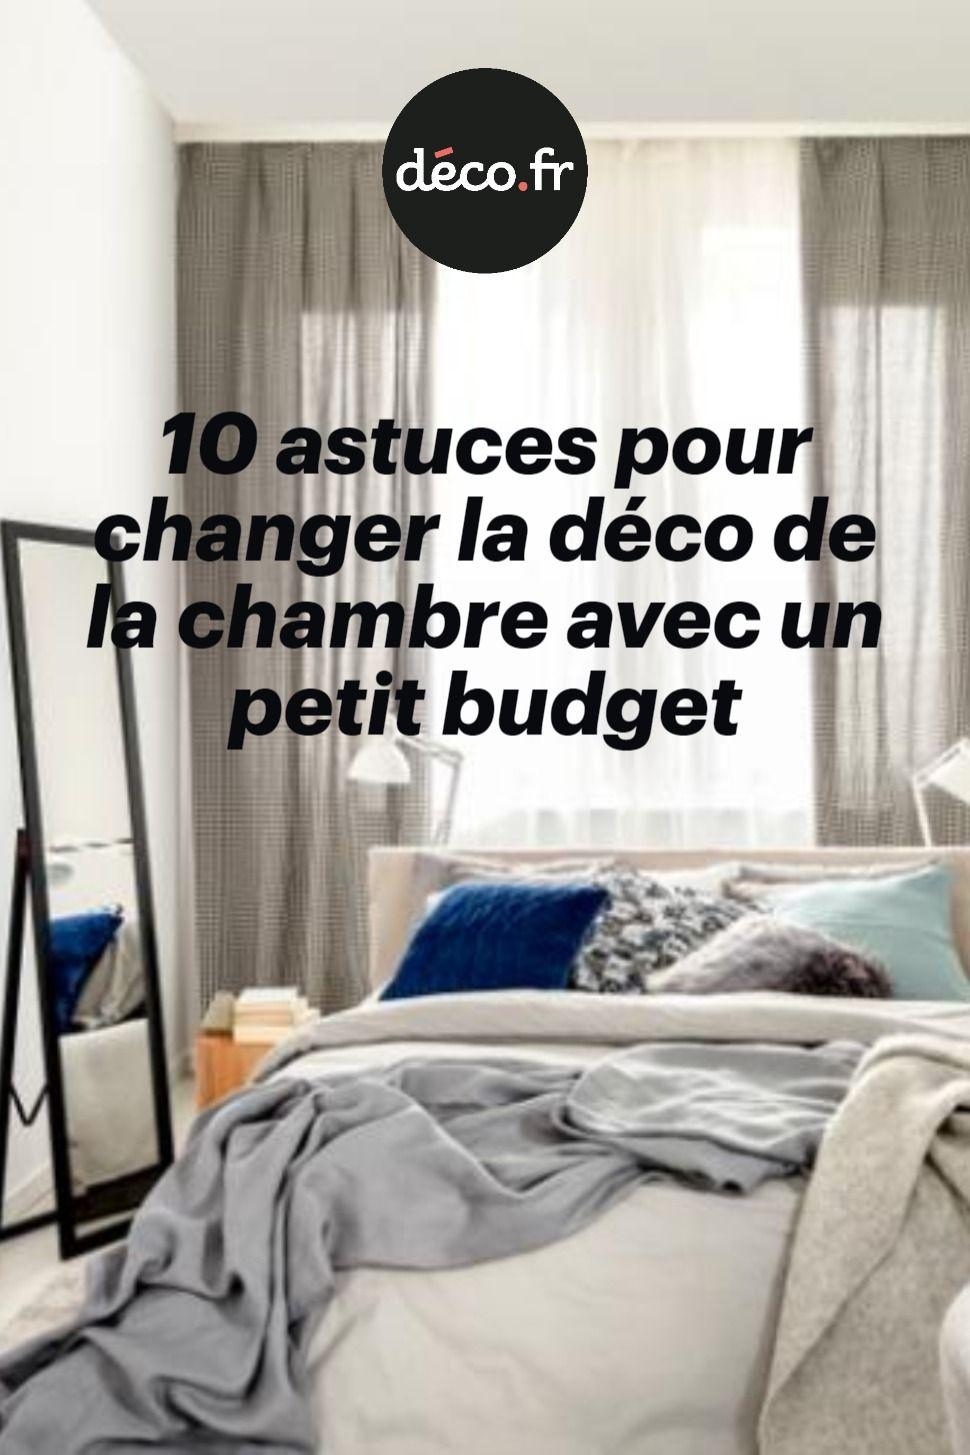 18 astuces pour changer la déco de la chambre avec un petit budget